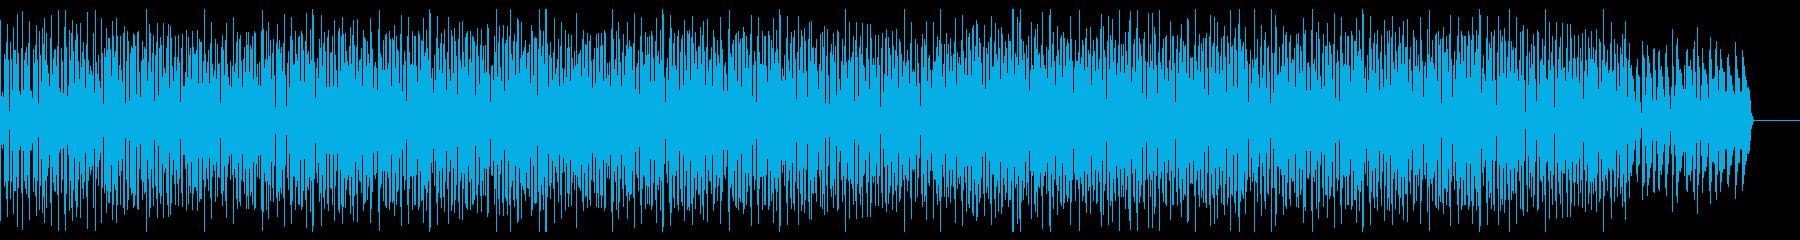 おしゃれで軽快な可愛いピアノ曲の再生済みの波形